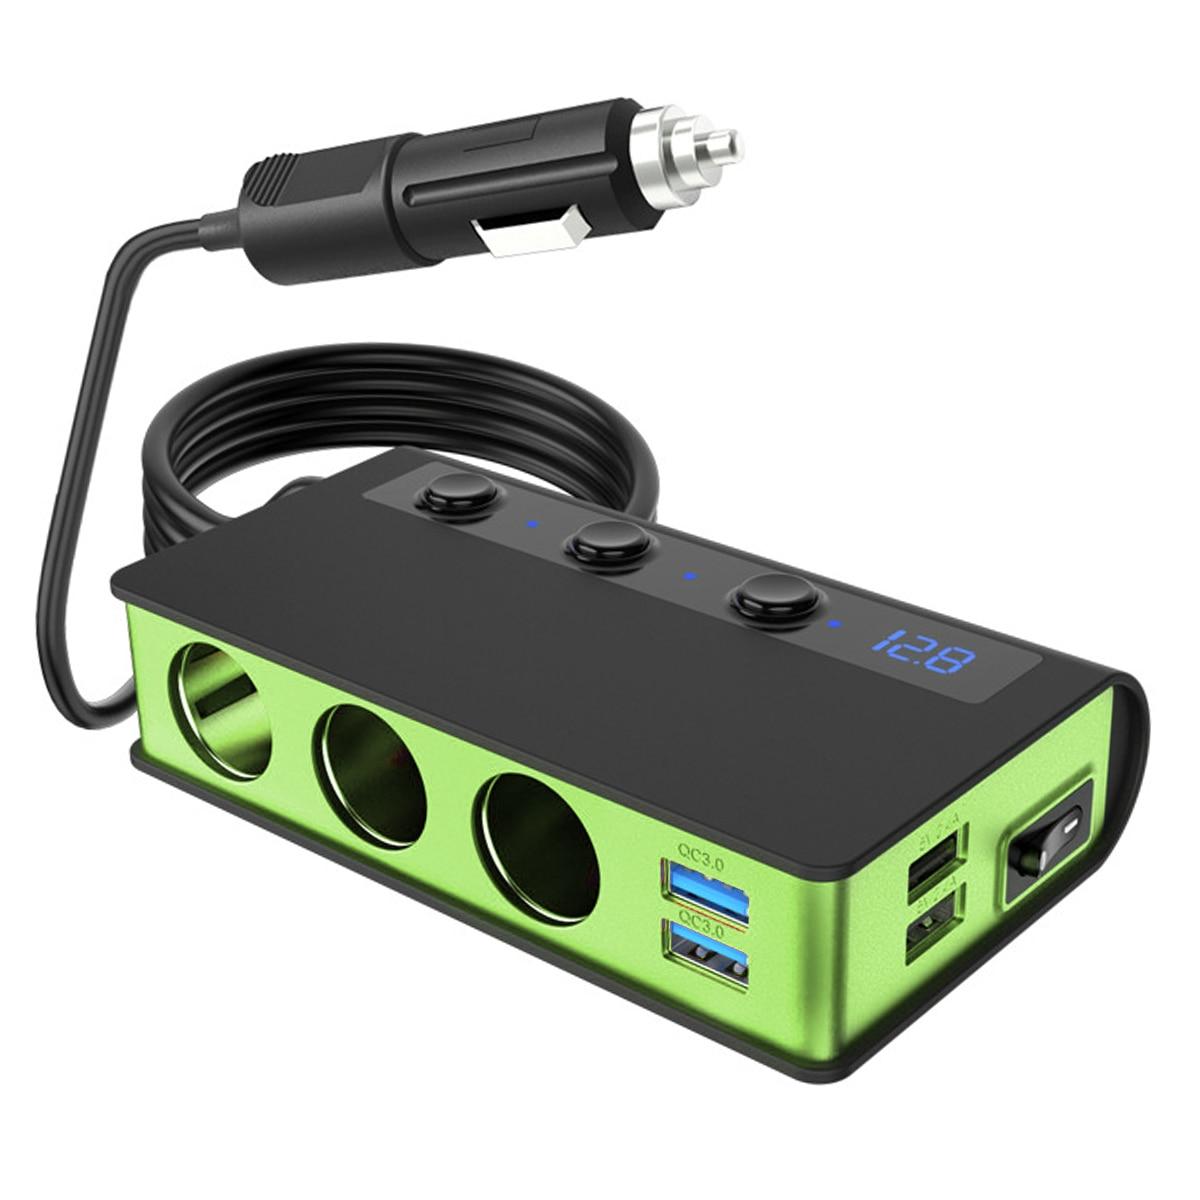 12-24V LED digital display 4 USB Car Charger 180W Cigarette Lighter Splitter with Voltmeter for cars truck SUV off-road vehicle